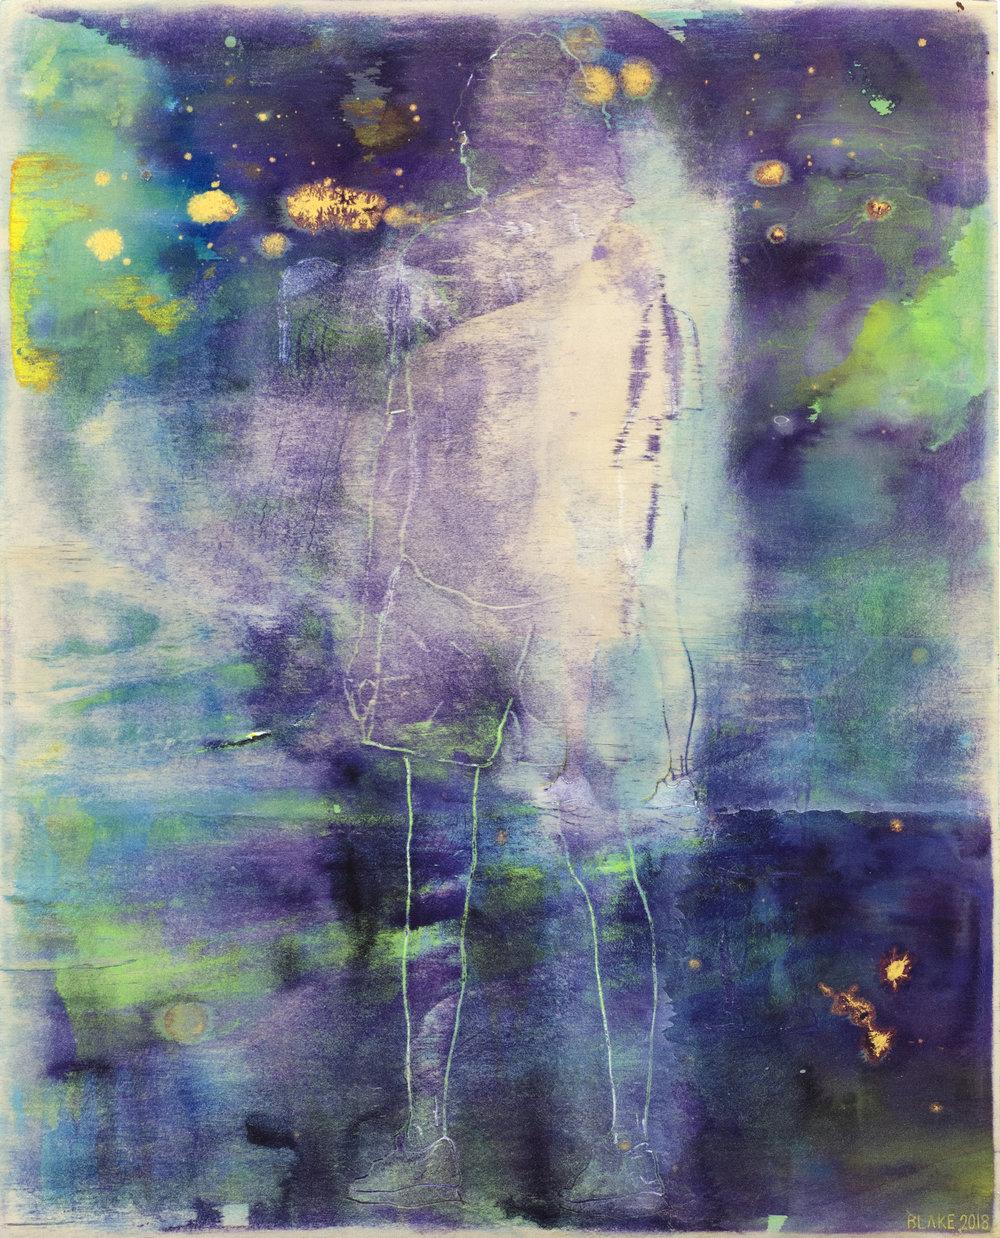 E Beach (4) 92018) Acrylic on board. 50 x 40cm